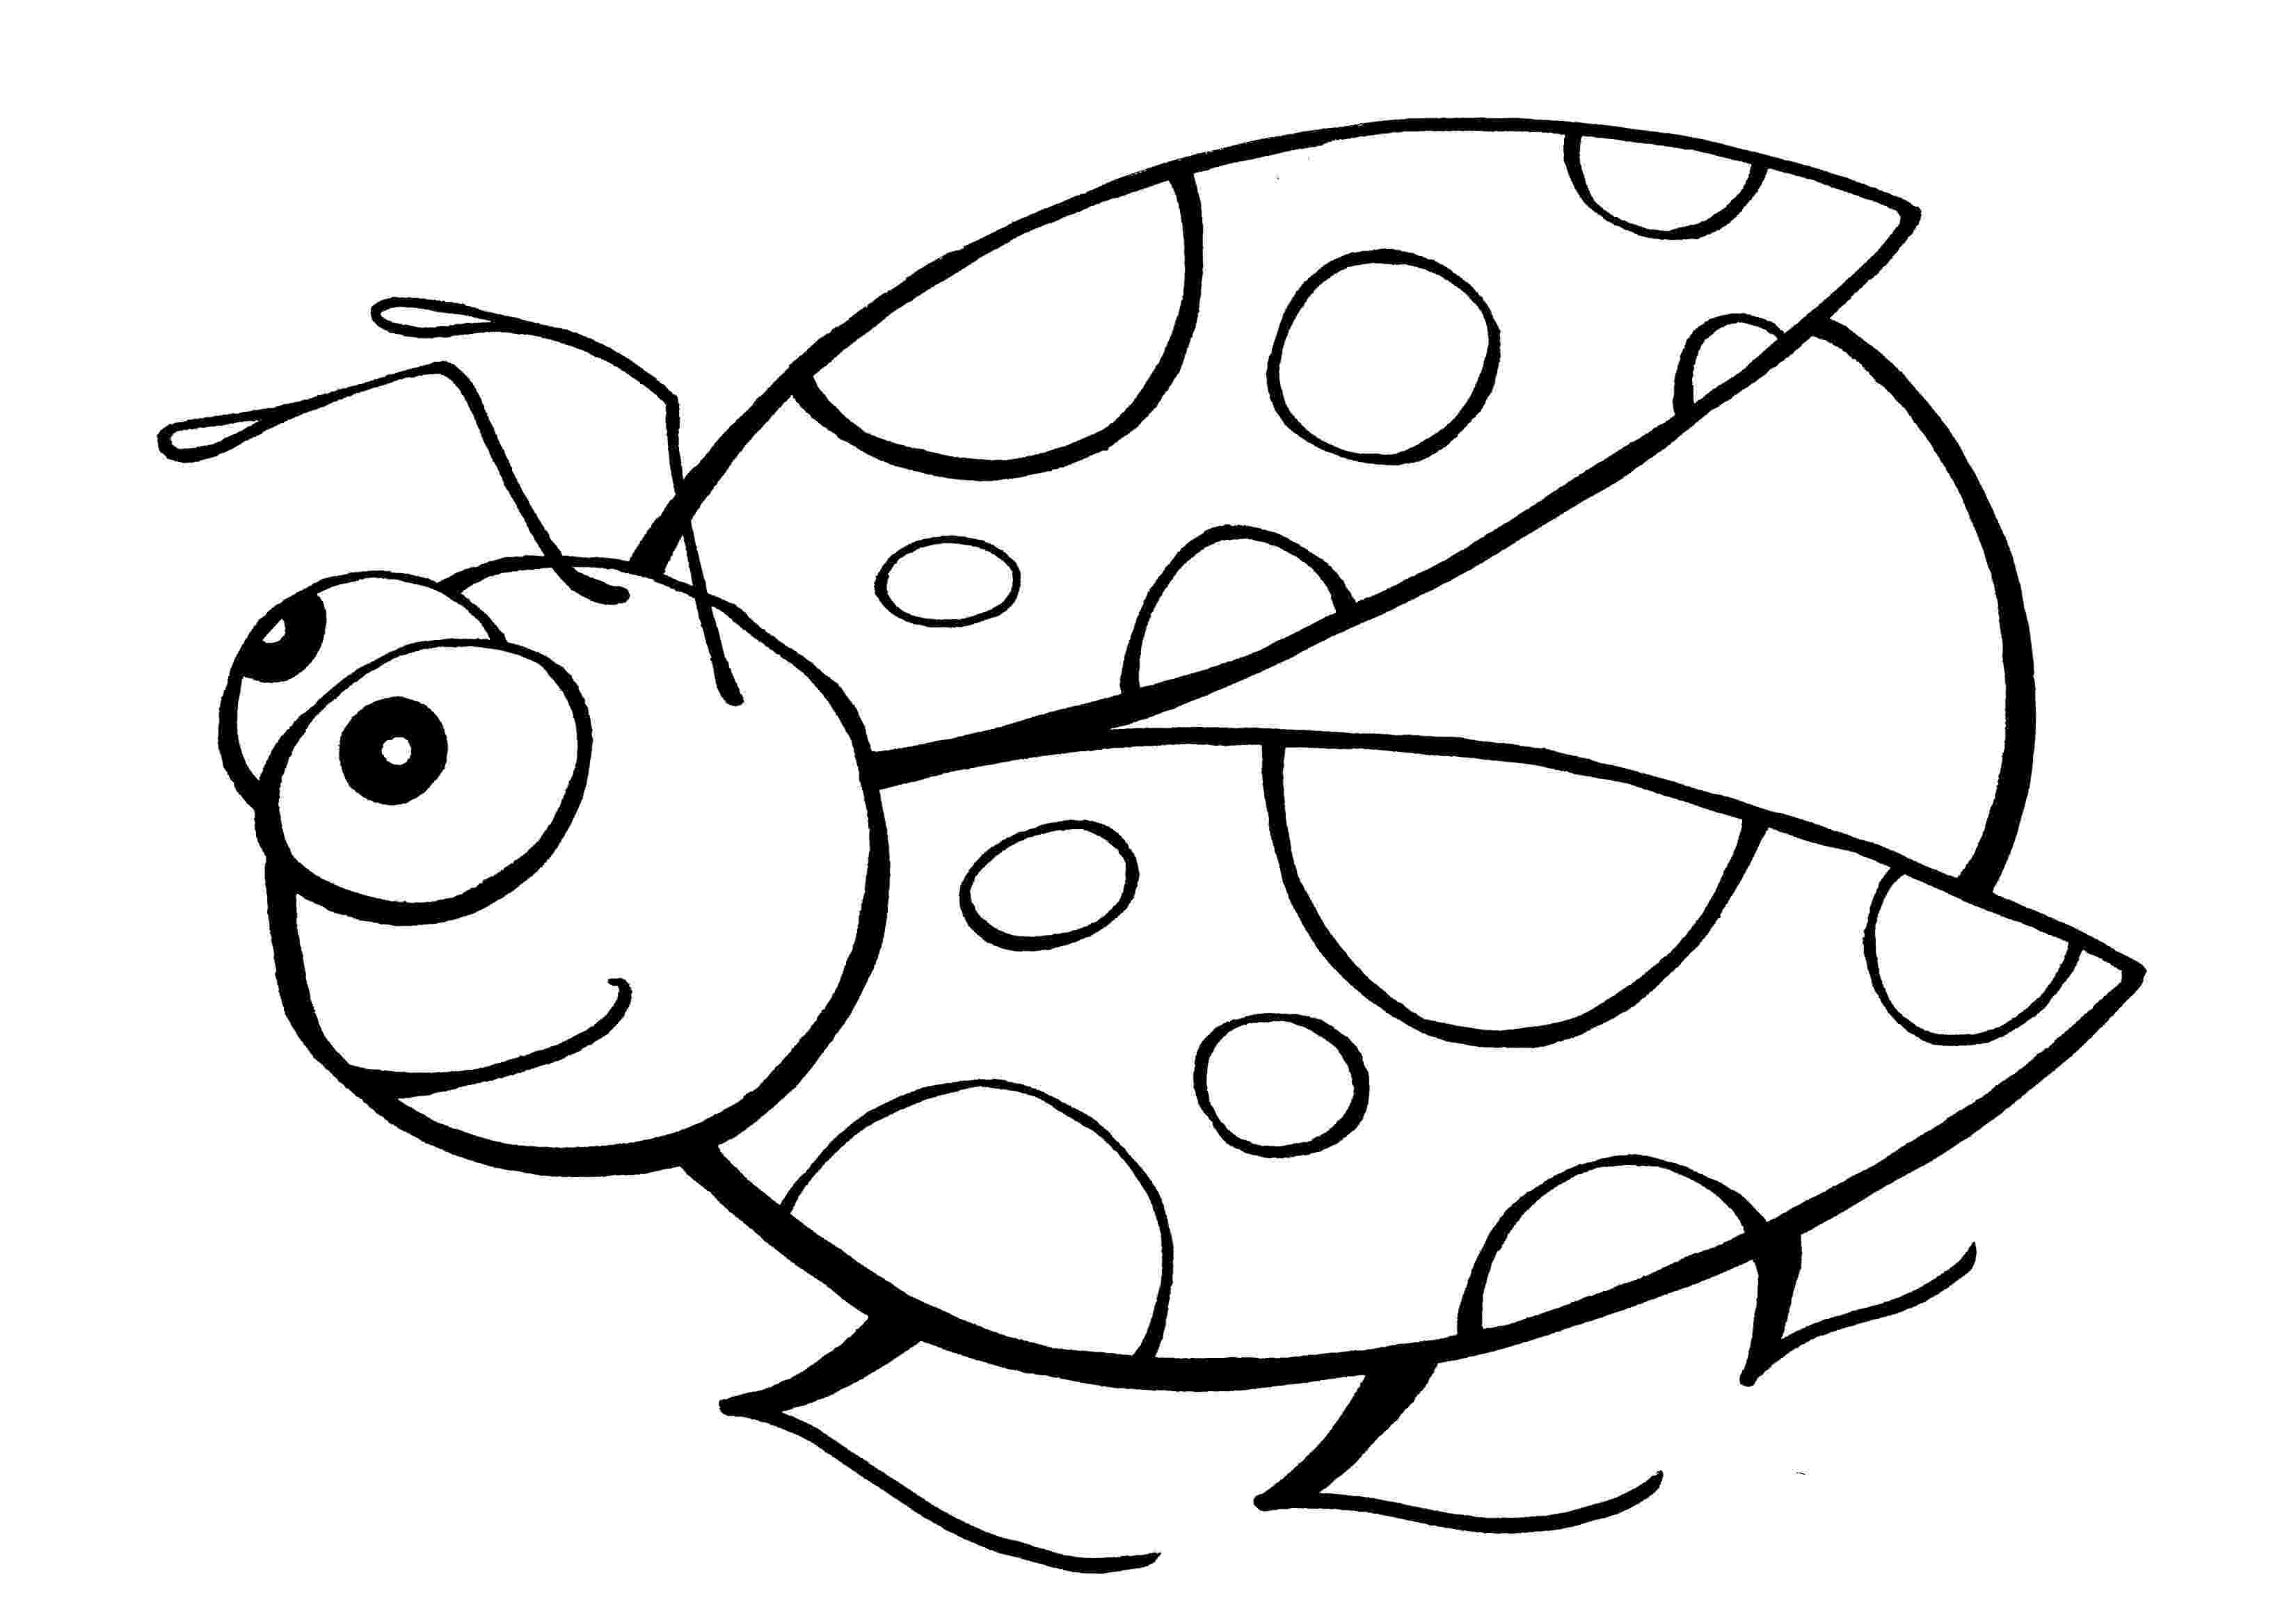 coloring page ladybug free printable ladybug coloring pages for kids ladybug page coloring